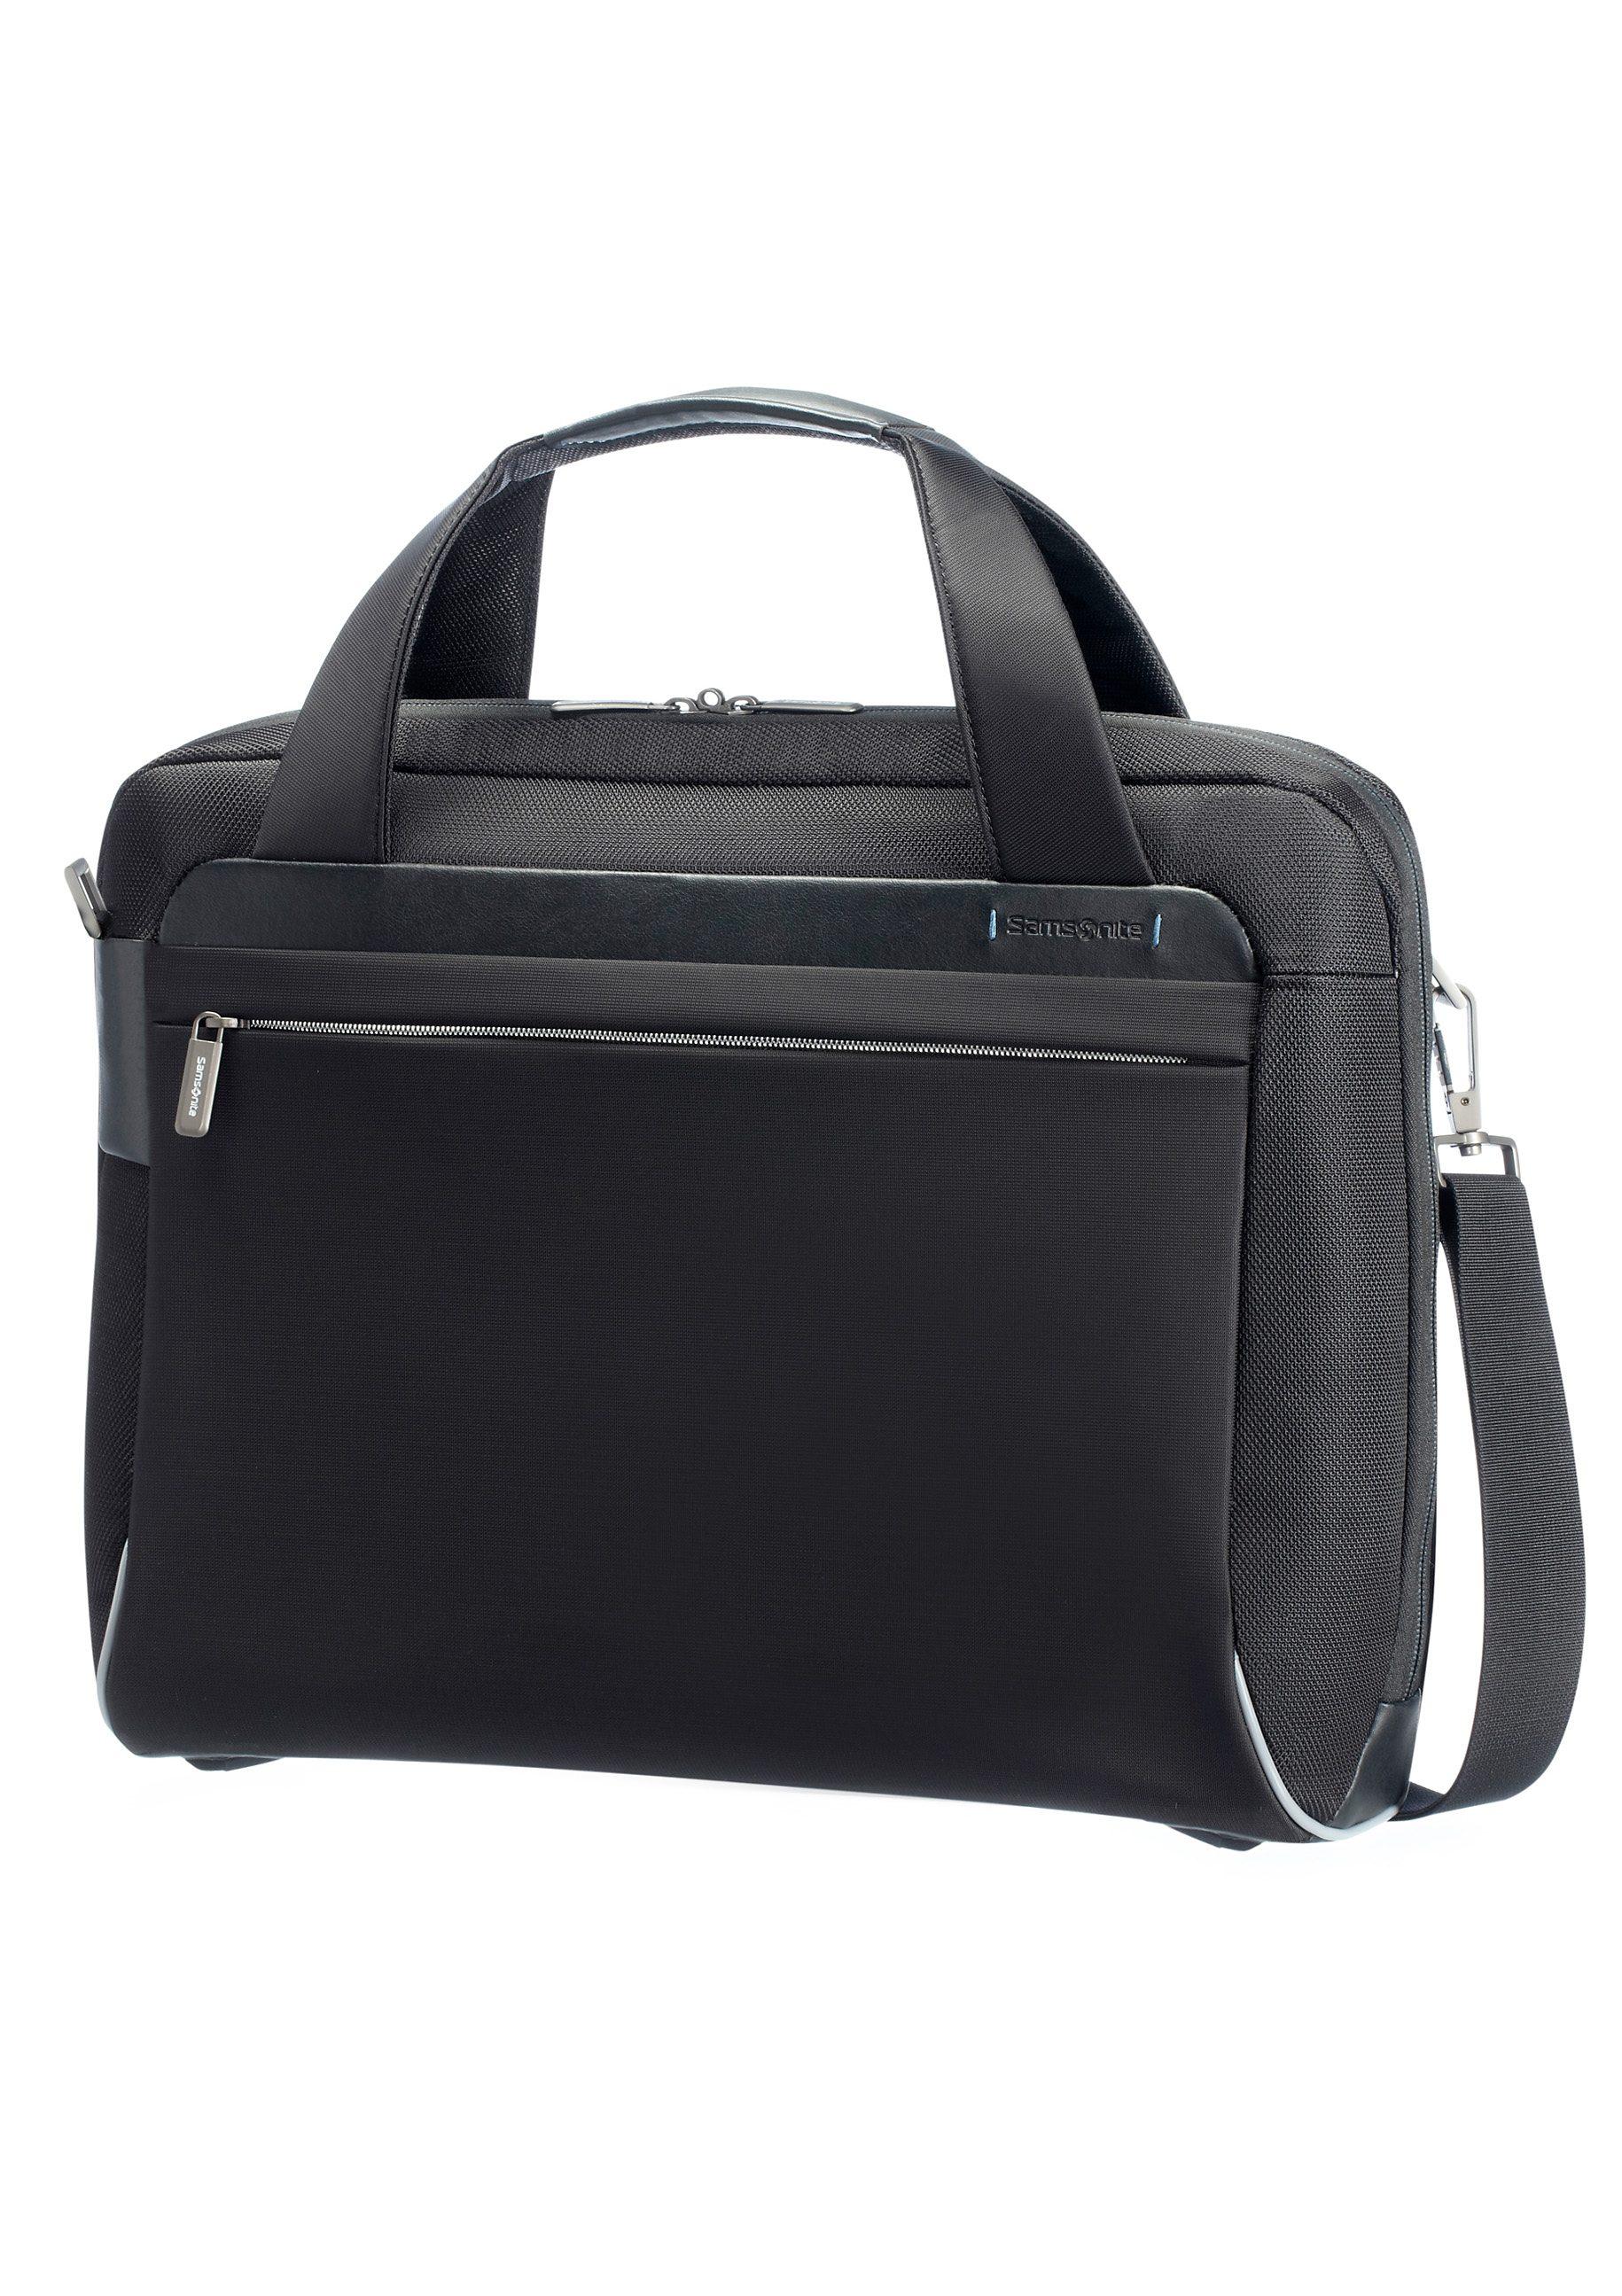 Samsonite Businesstasche mit Schultergurt, Tablet- und 16-Zoll Laptopfach, »Spectrolite«